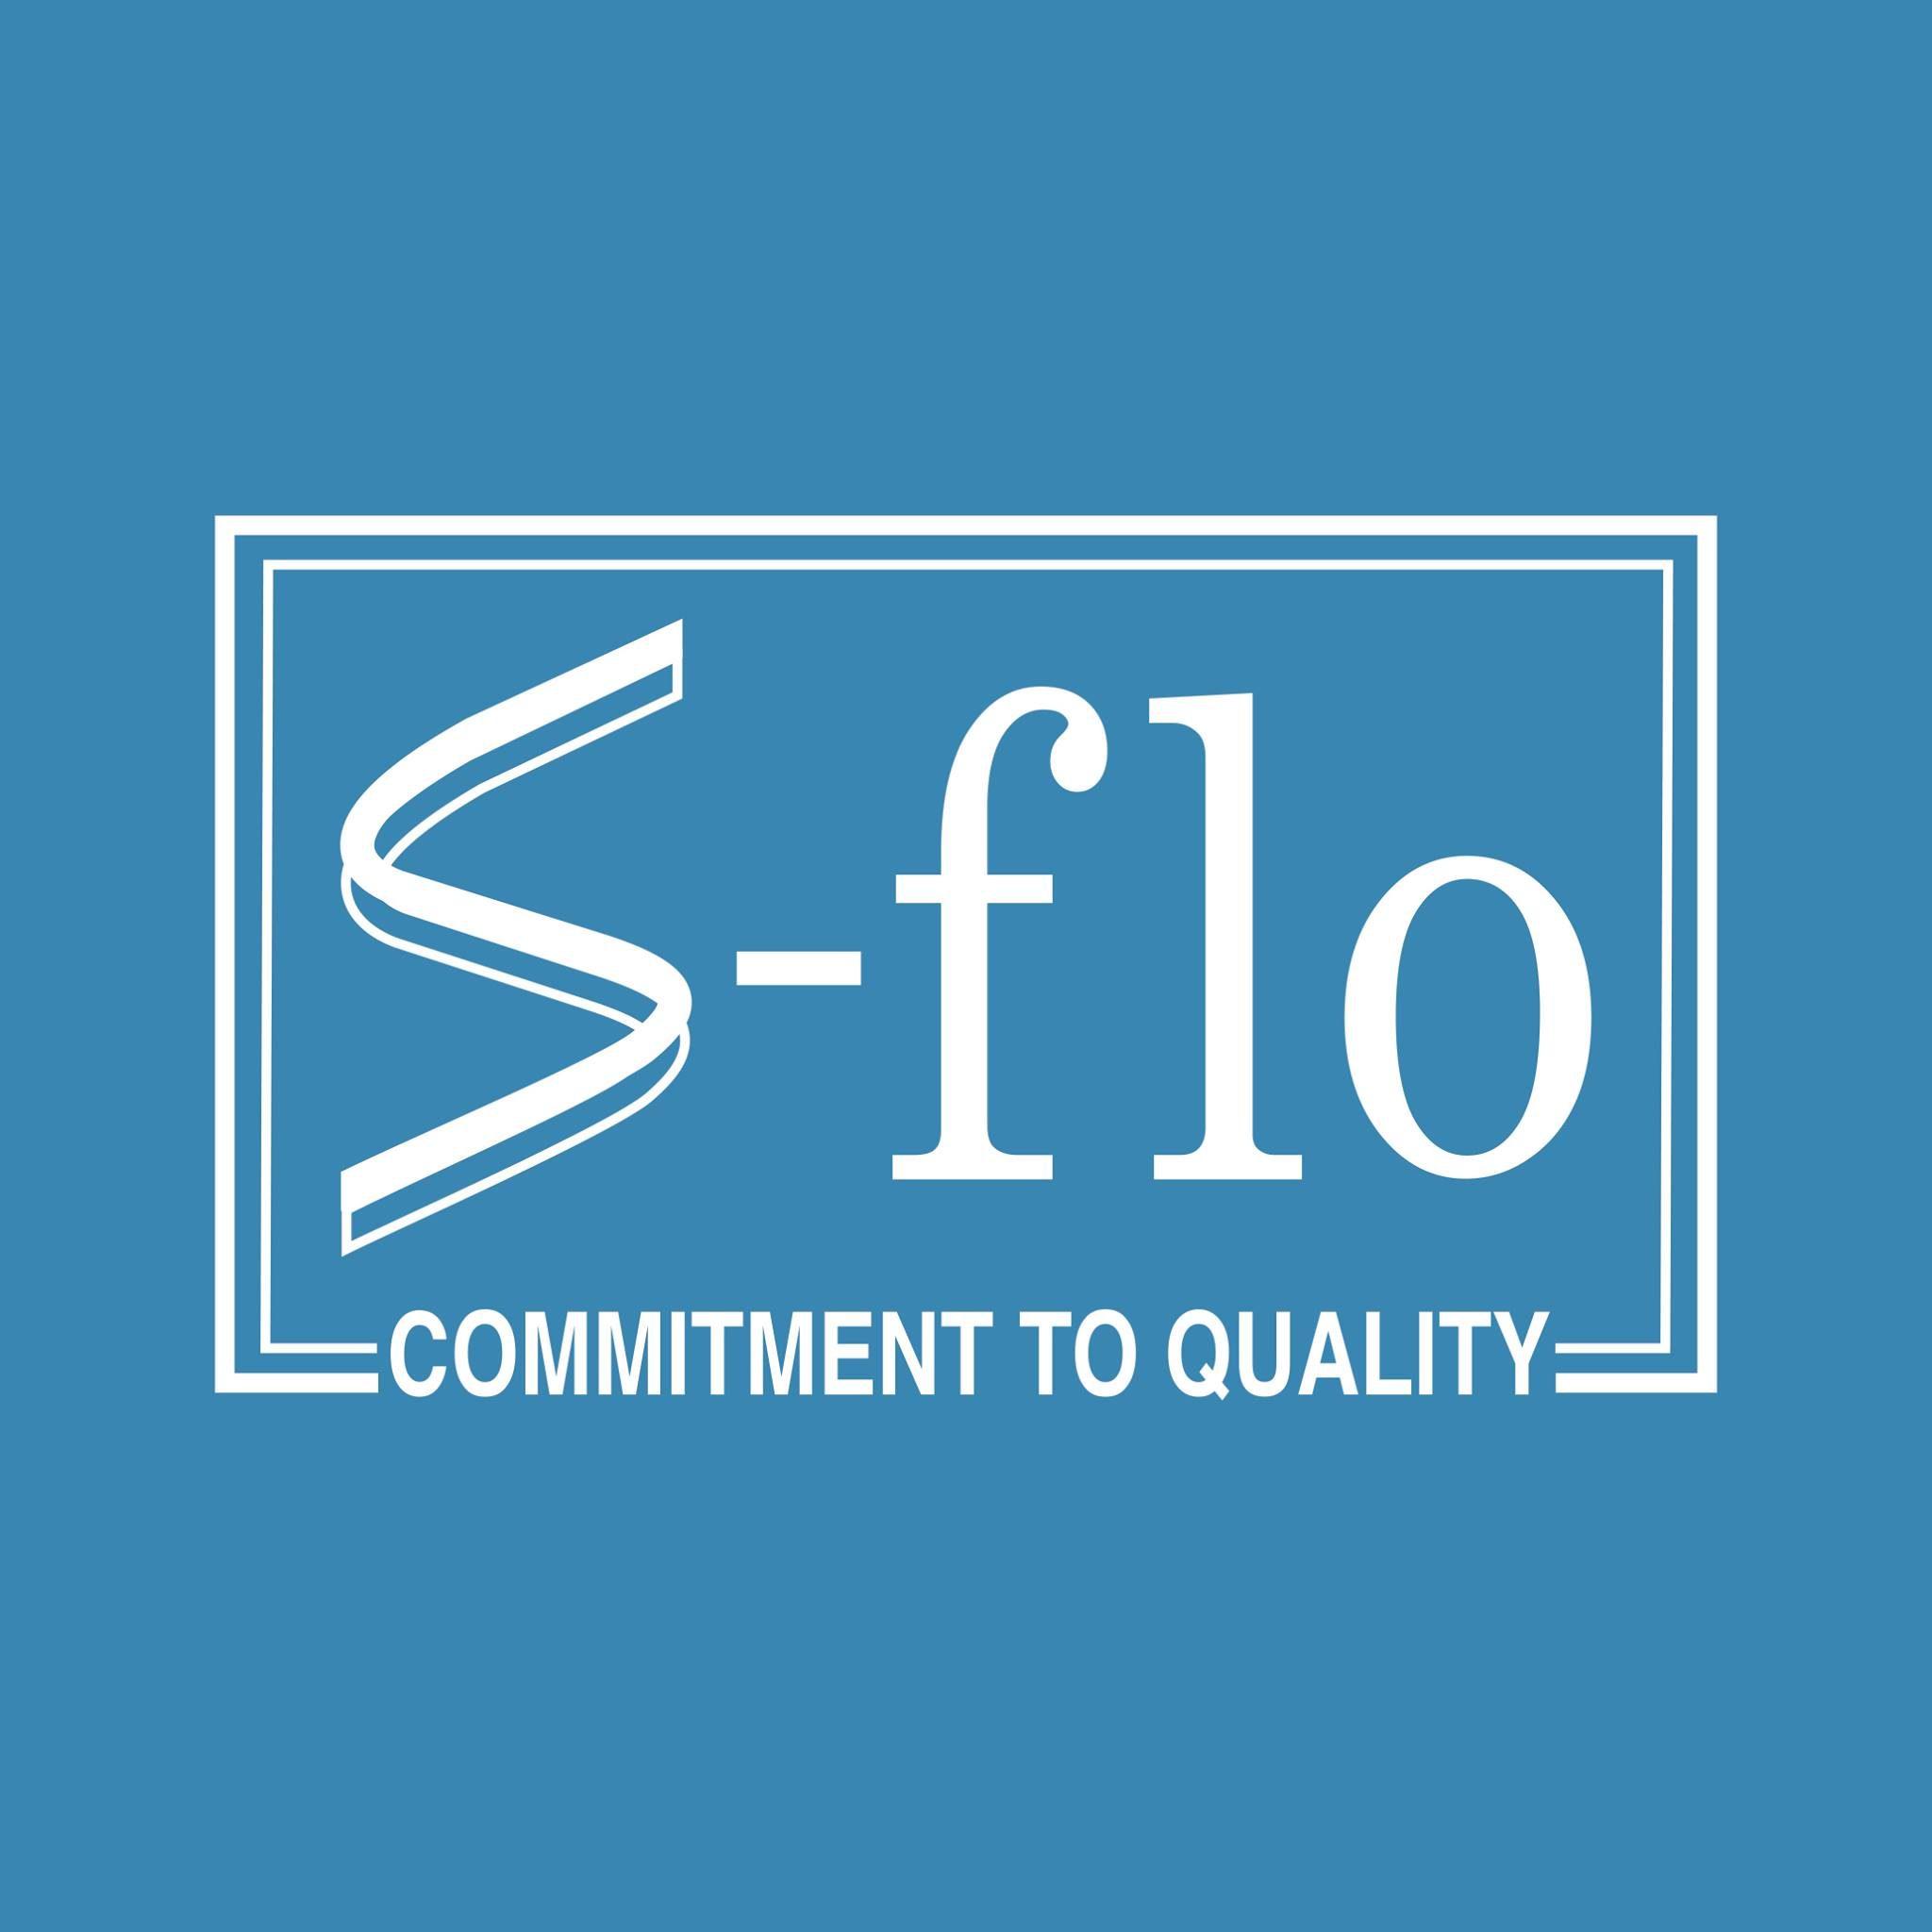 S-FLO